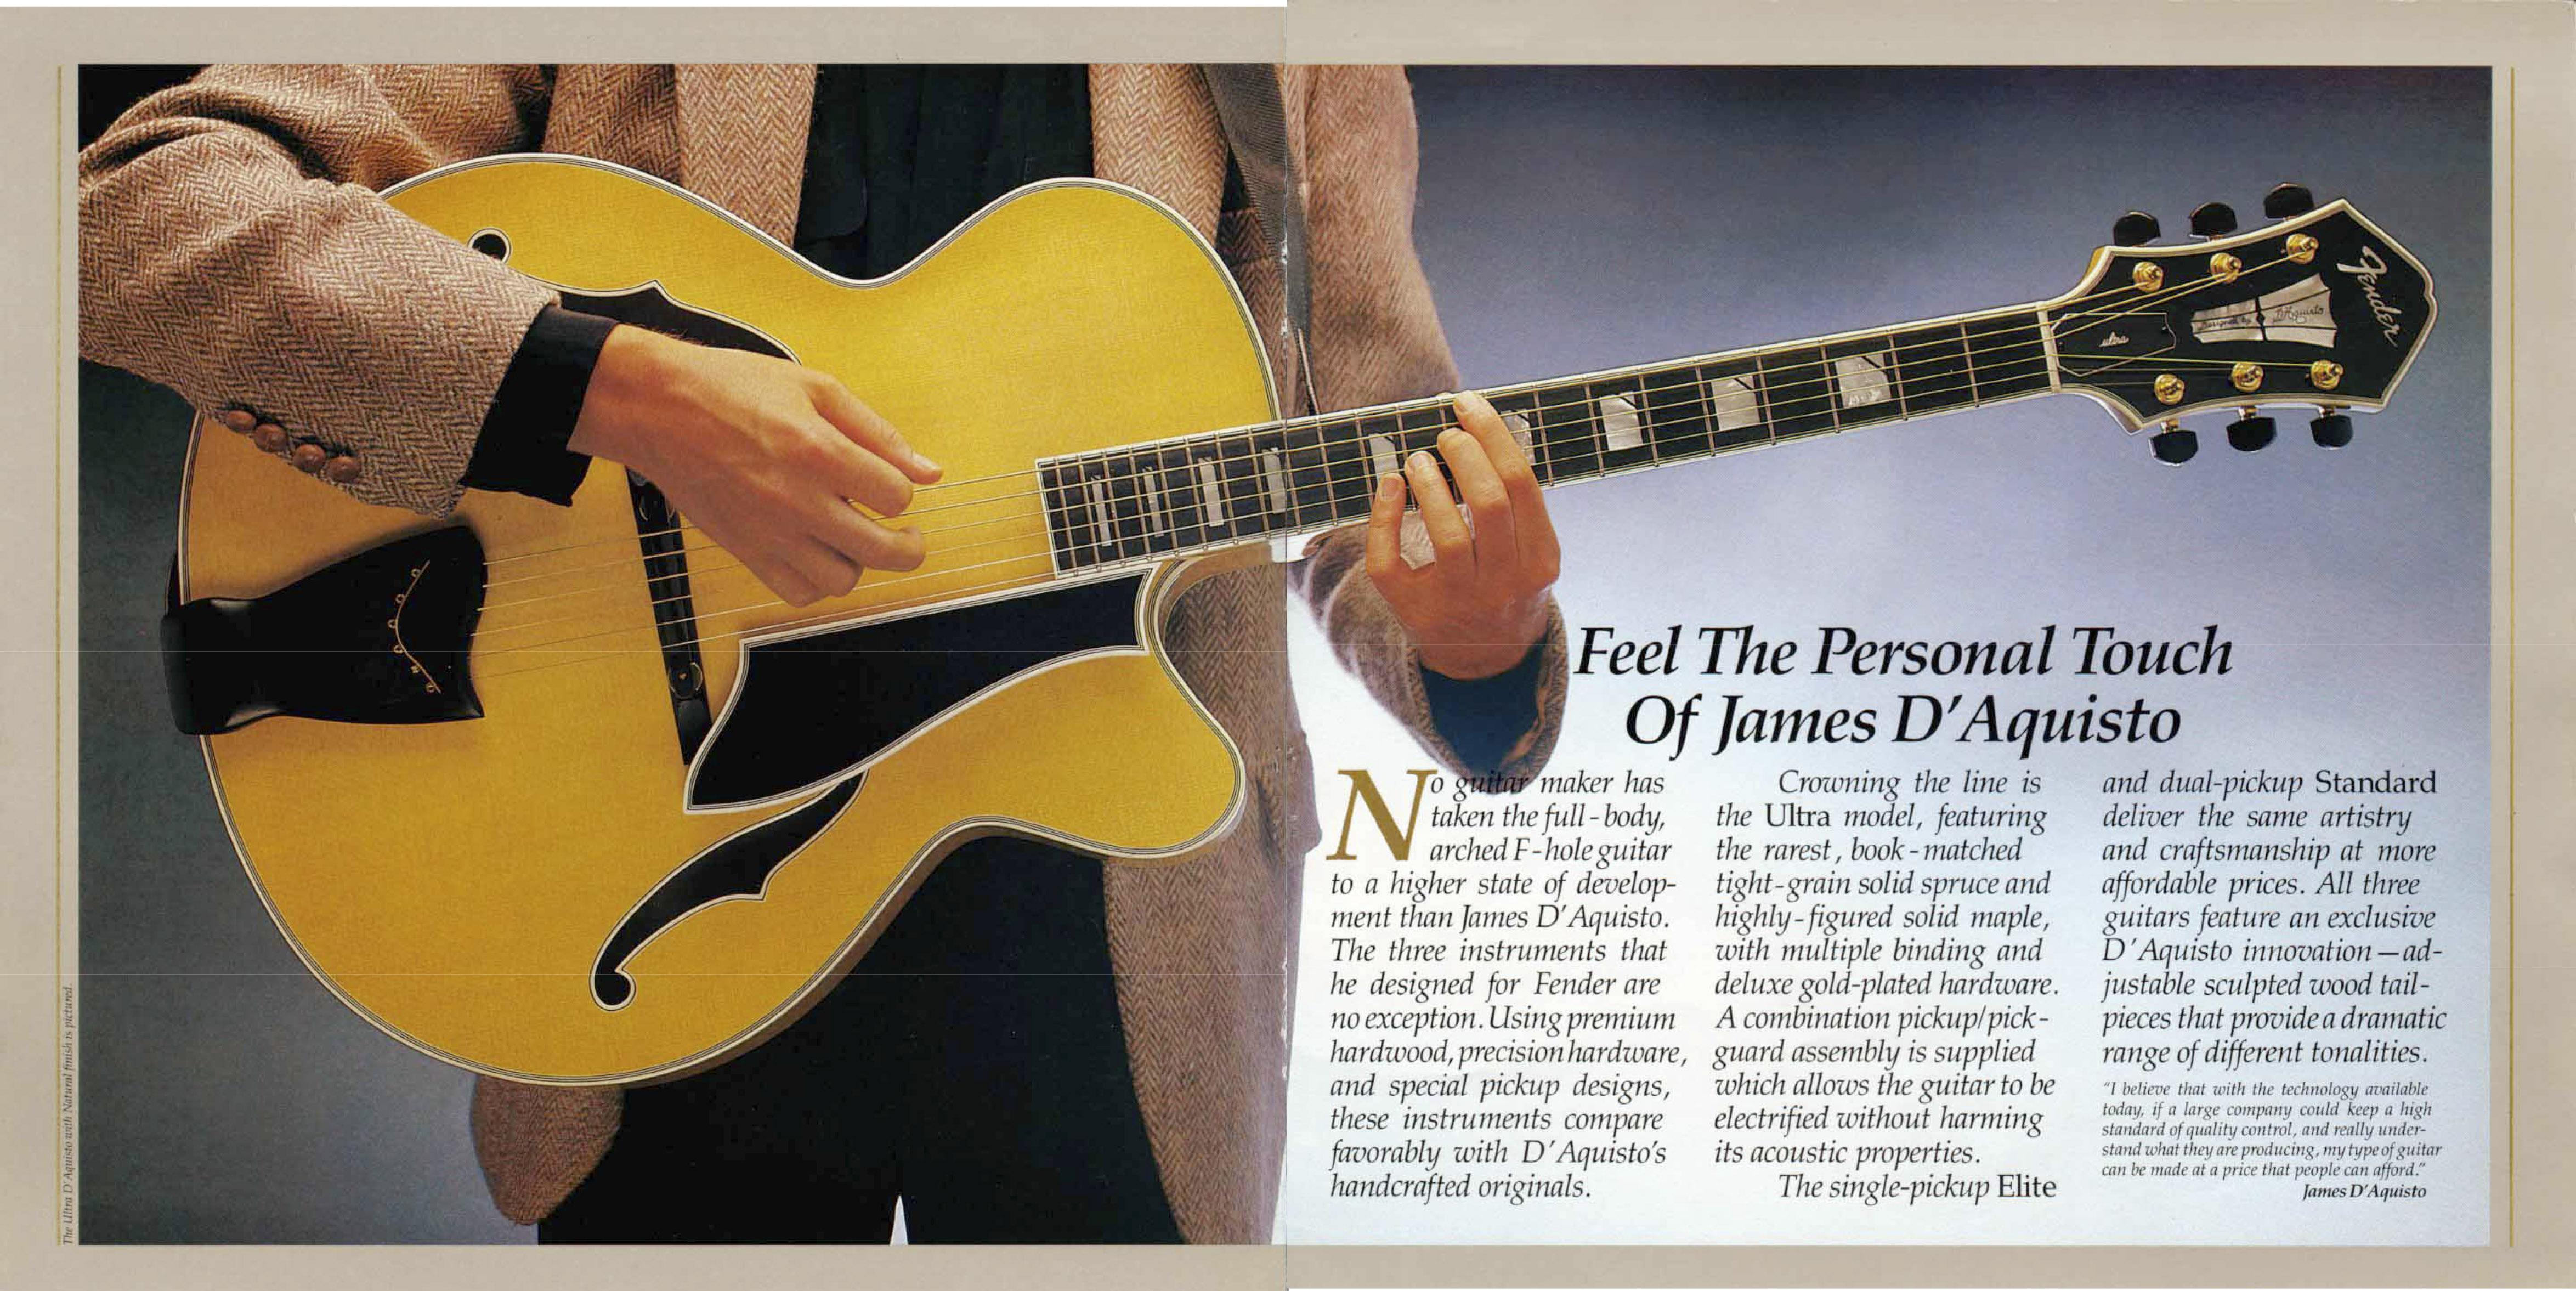 x - Catálogo de Fender D'Aquisto Élite pag 2